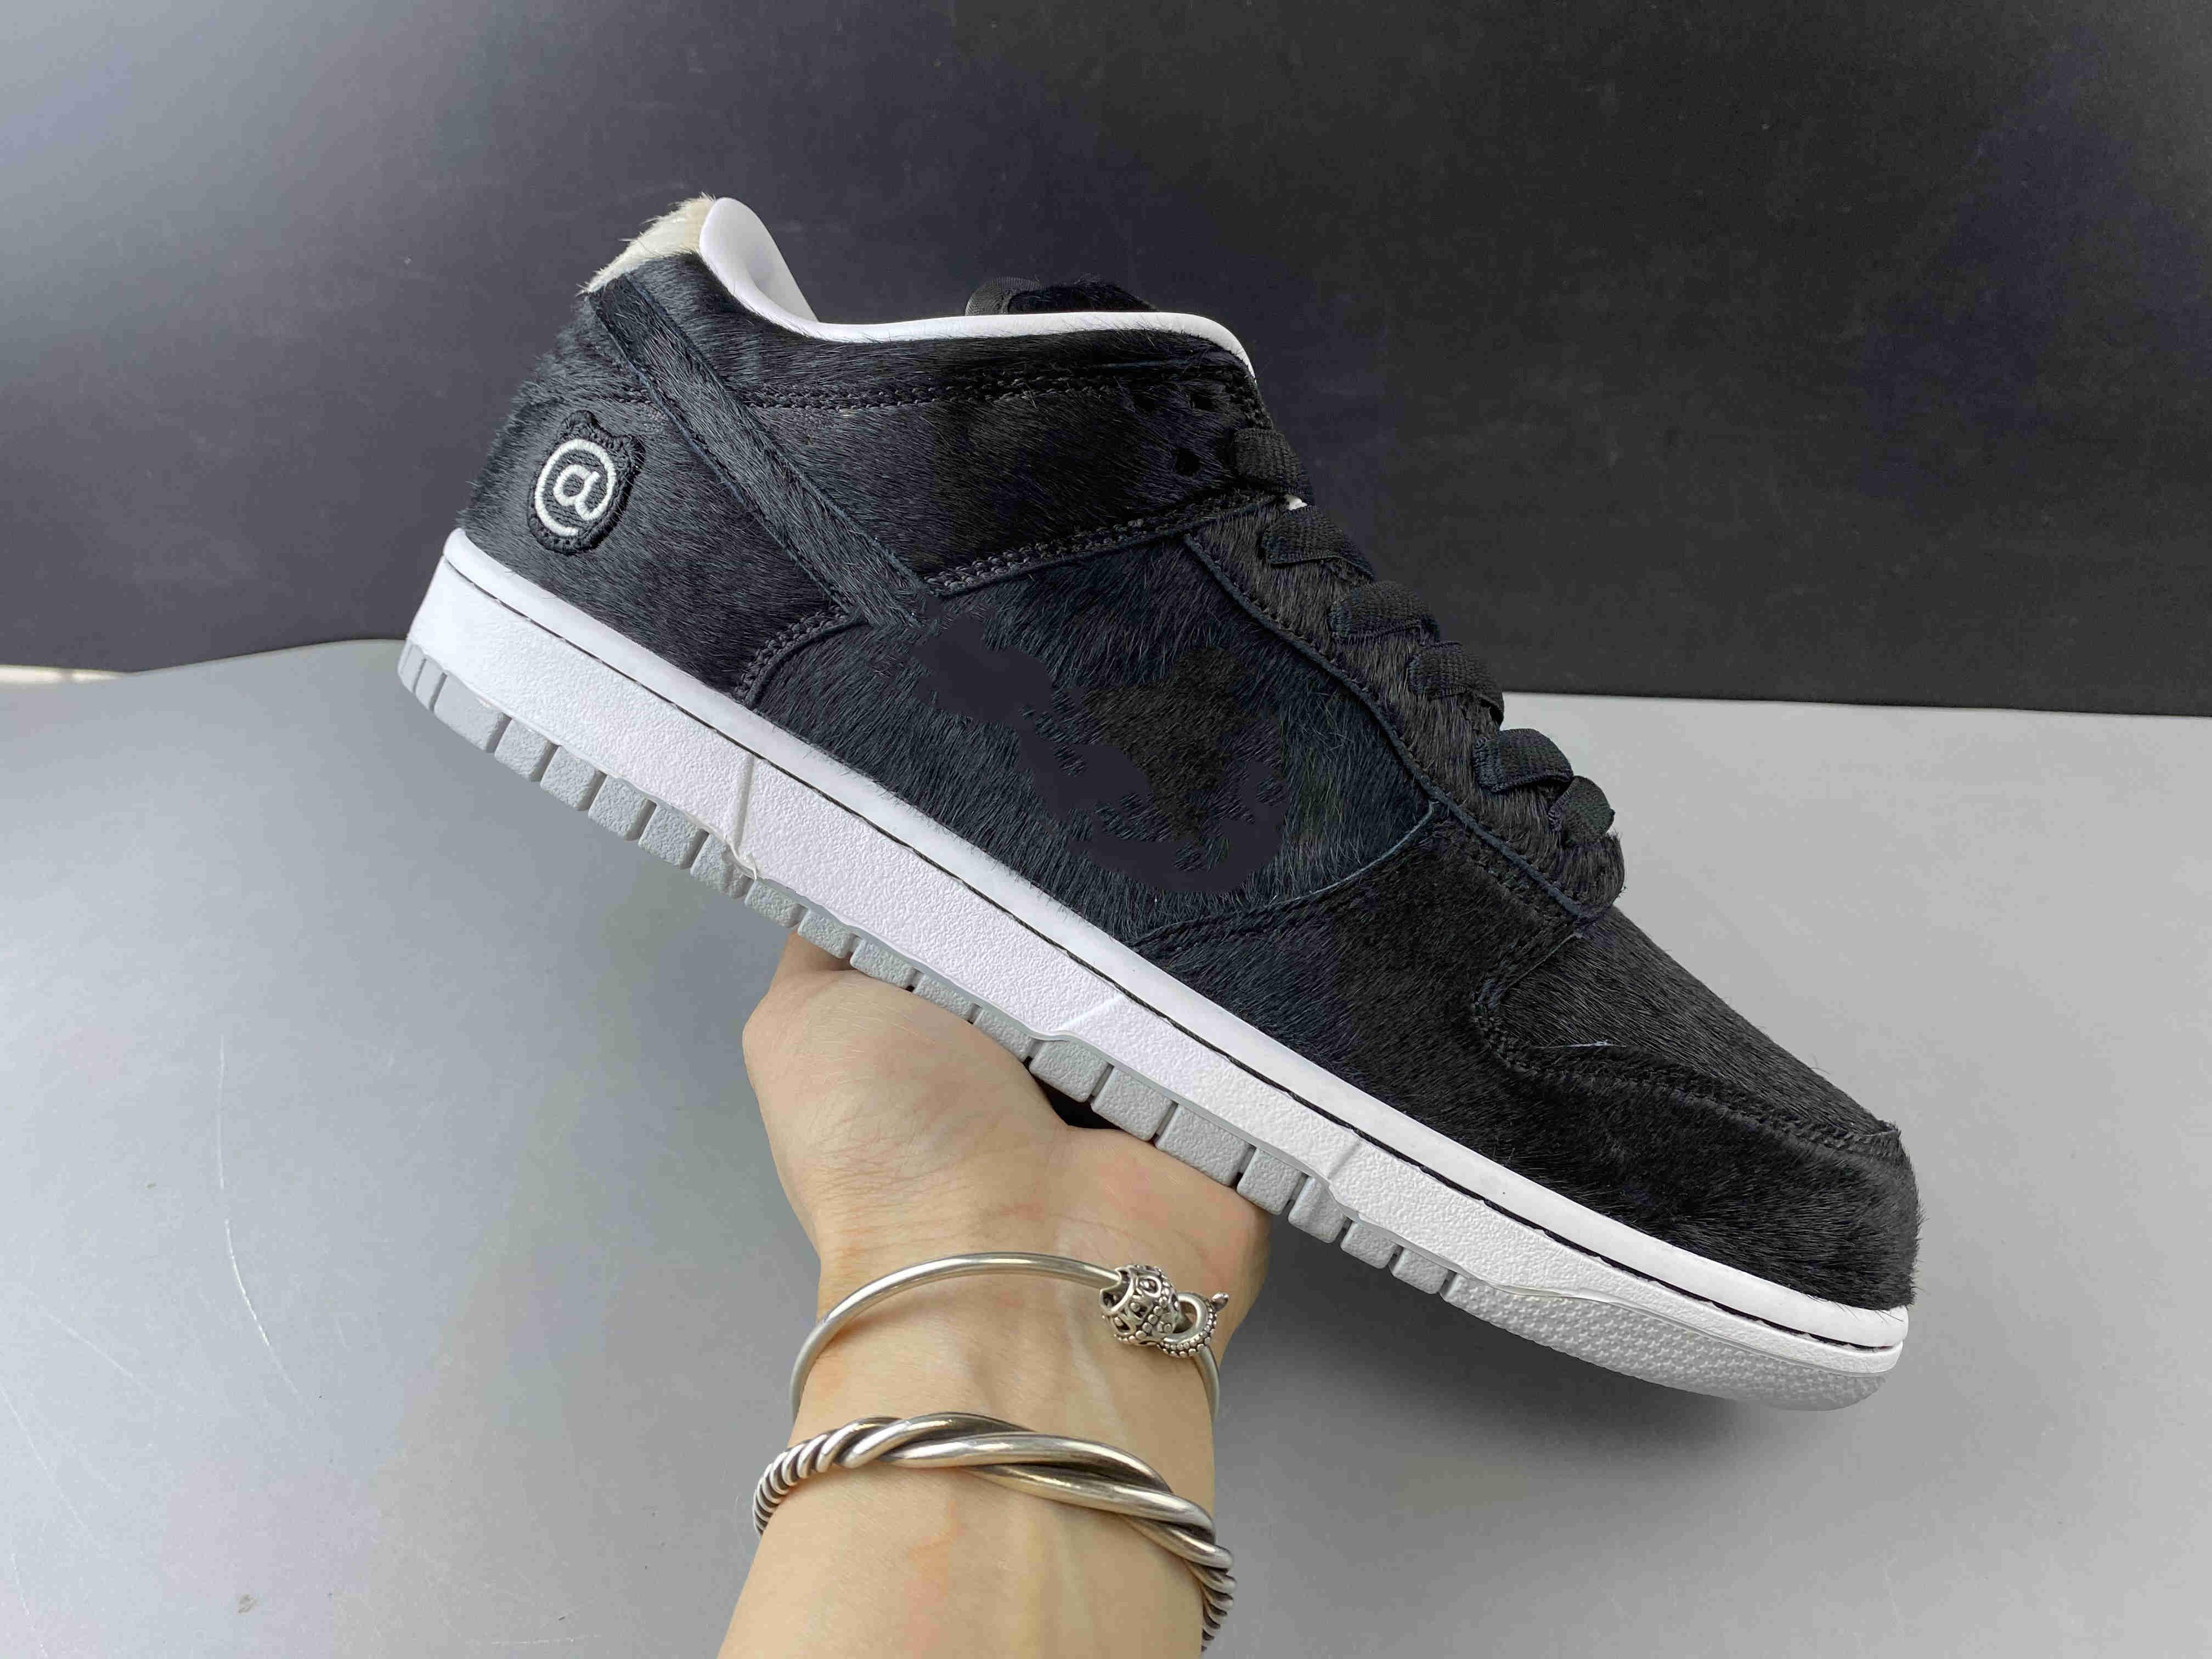 2020 ile Kutusu New Men SB Dunk Düşük Siyah Kürk Skate Ayakkabı Lüks Tasarımcı Eğitmen Spor Athentic Sneakers